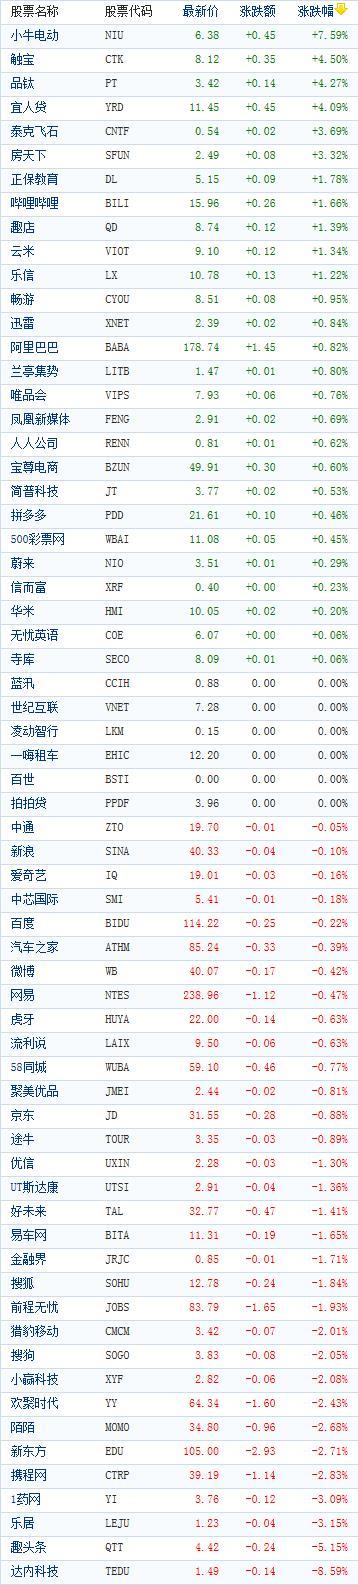 中国概念股周五收盘涨跌互现 小牛电动大涨近8%